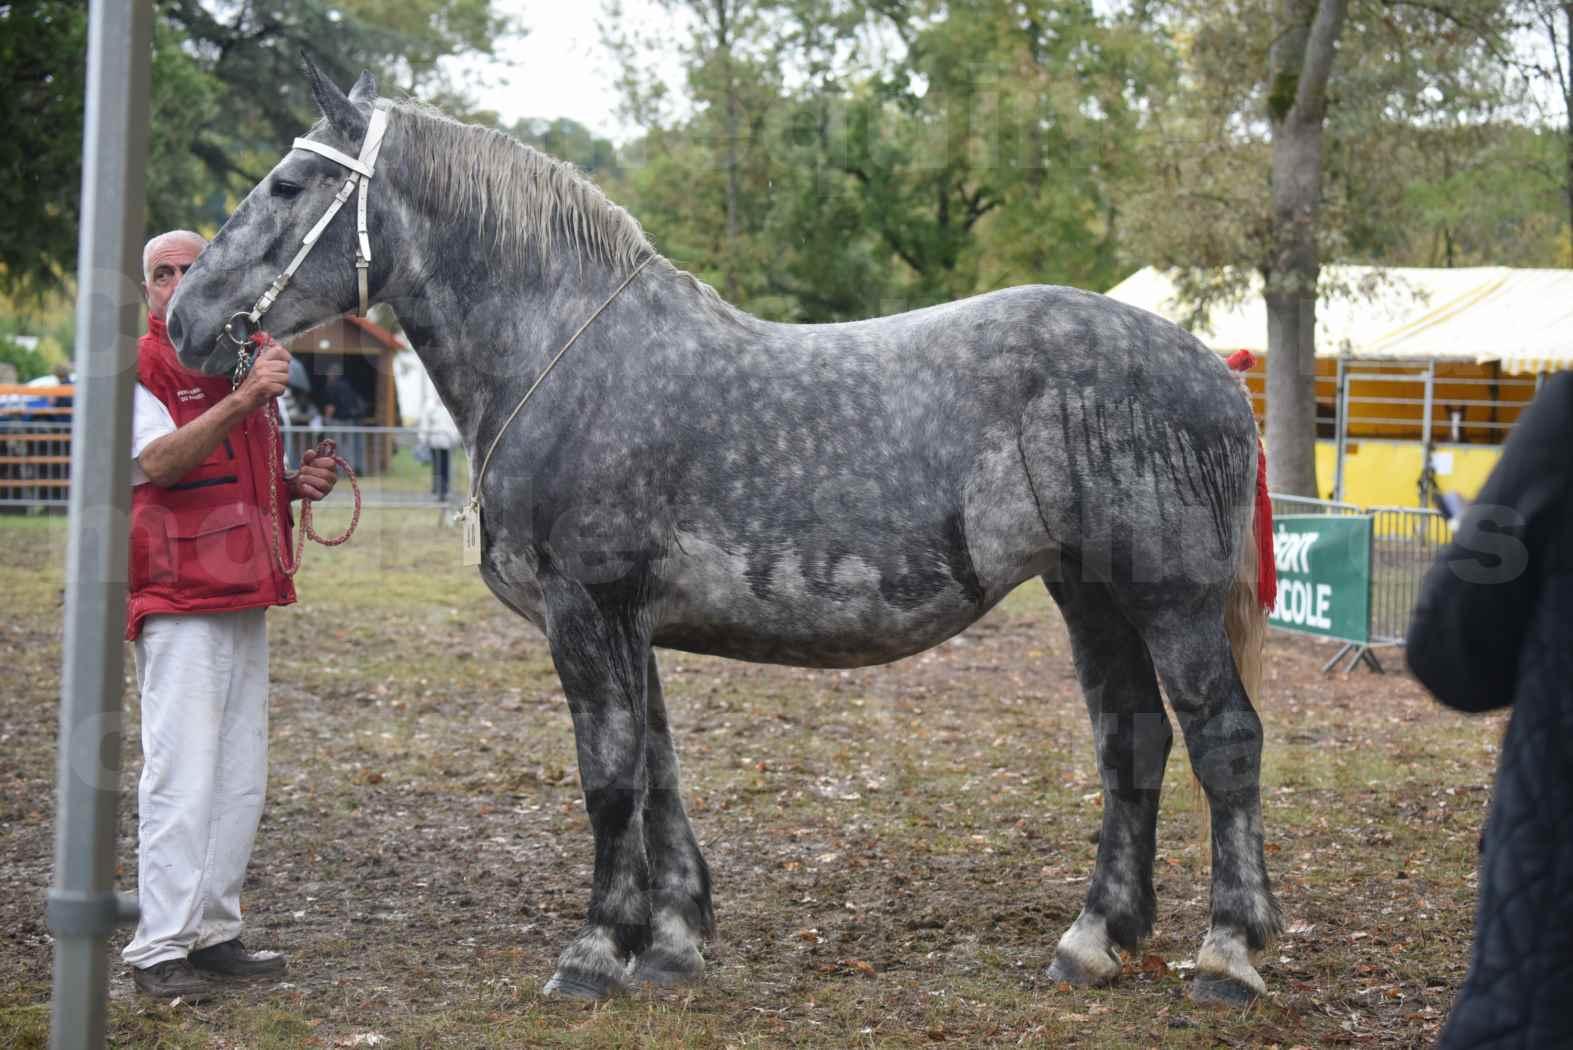 Concours Régional de chevaux de traits en 2017 - Pouliche Trait PERCHERON - ÉCAILLE DU RAMIER - 08